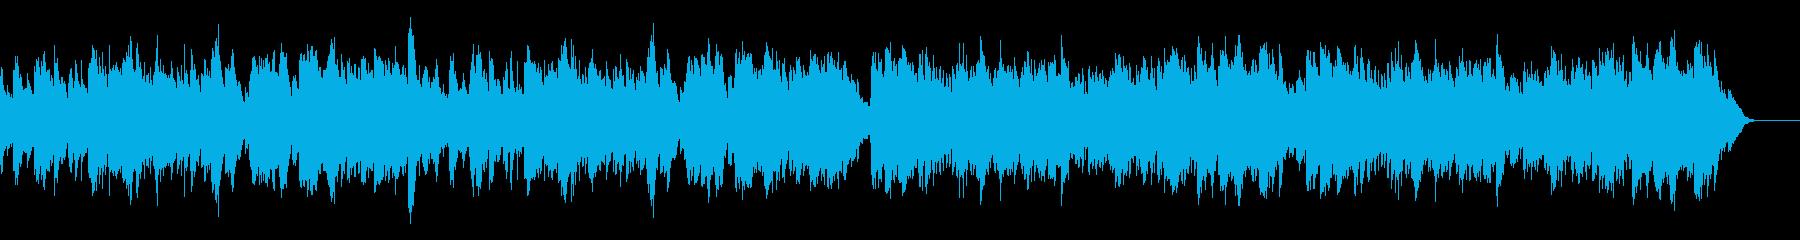 ゴルトベルク変奏曲variation2の再生済みの波形